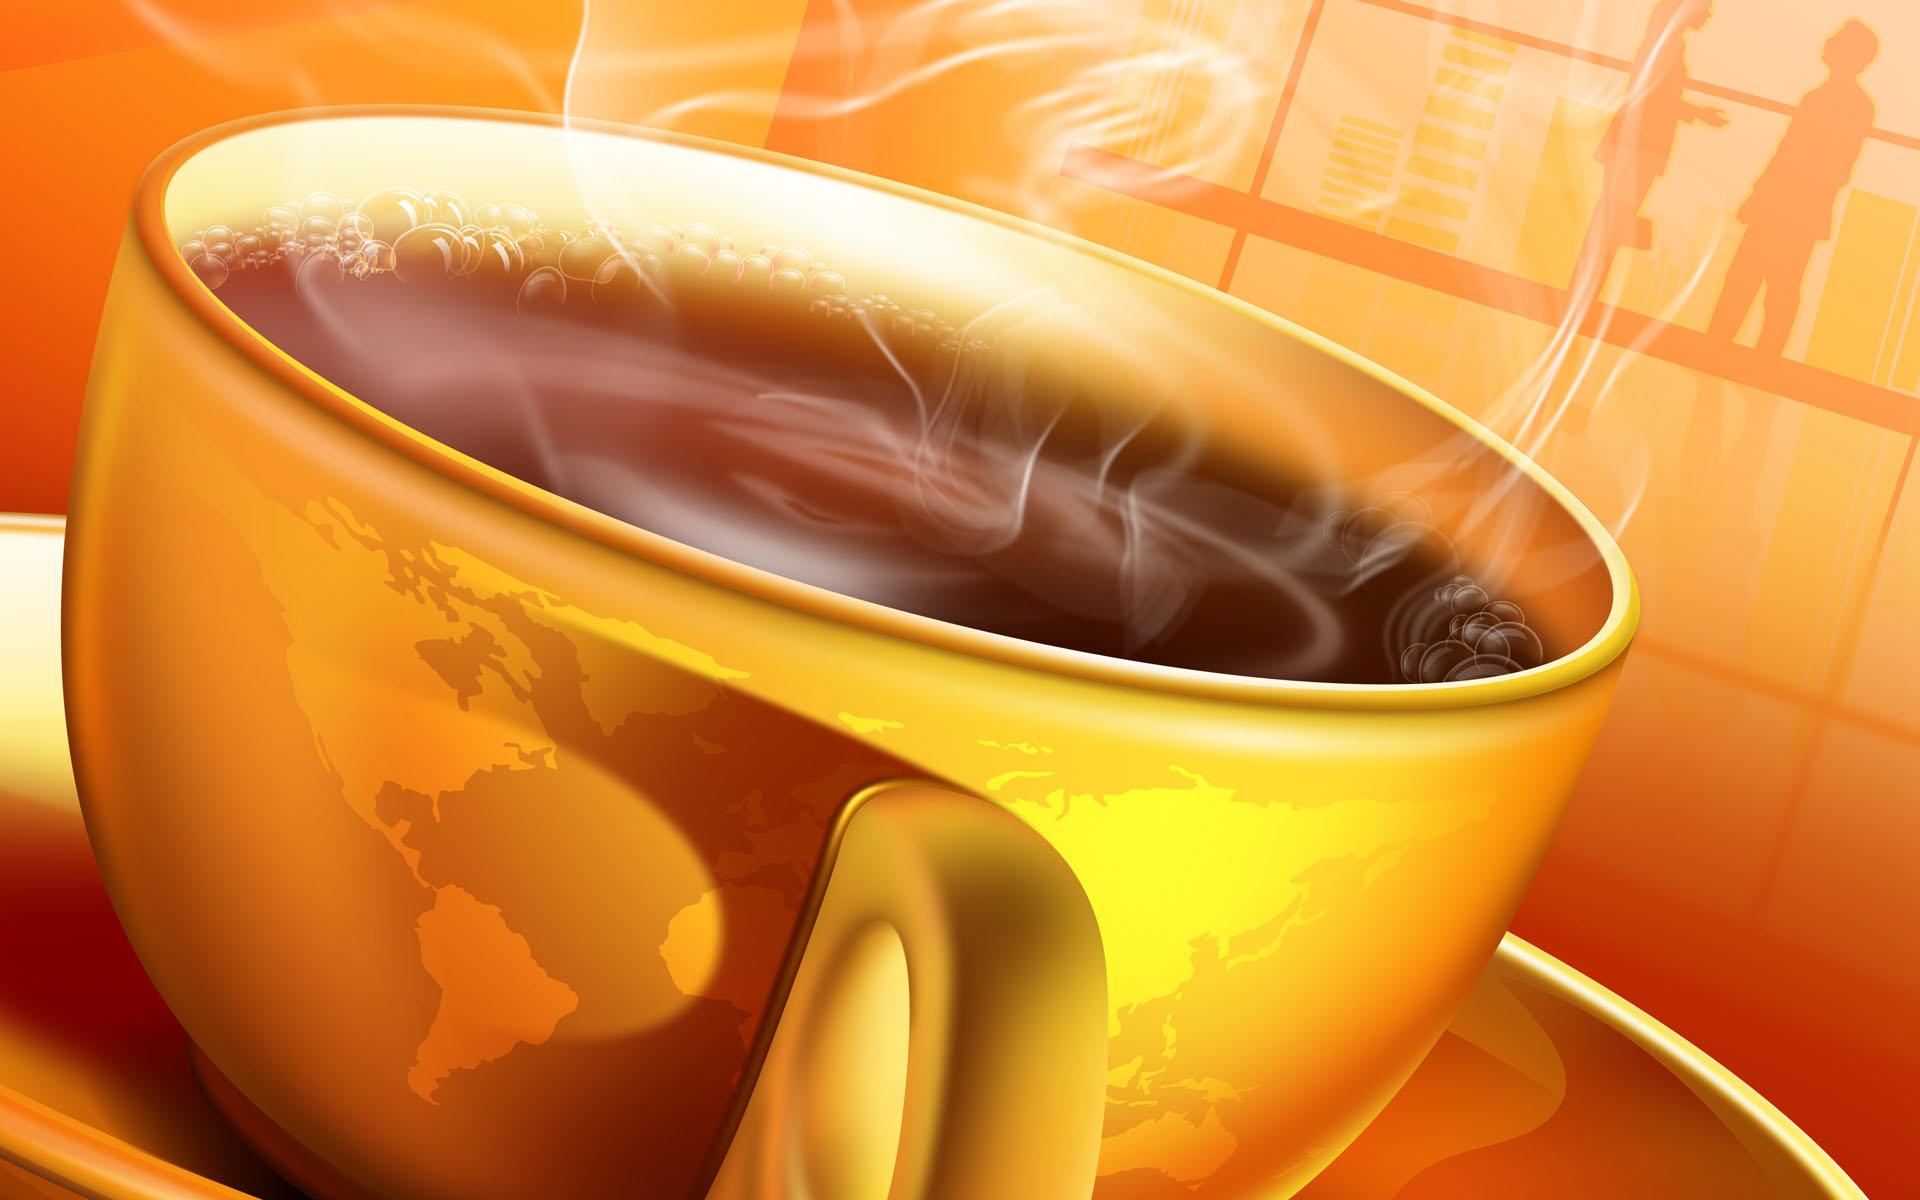 acupofcoffee.jpg